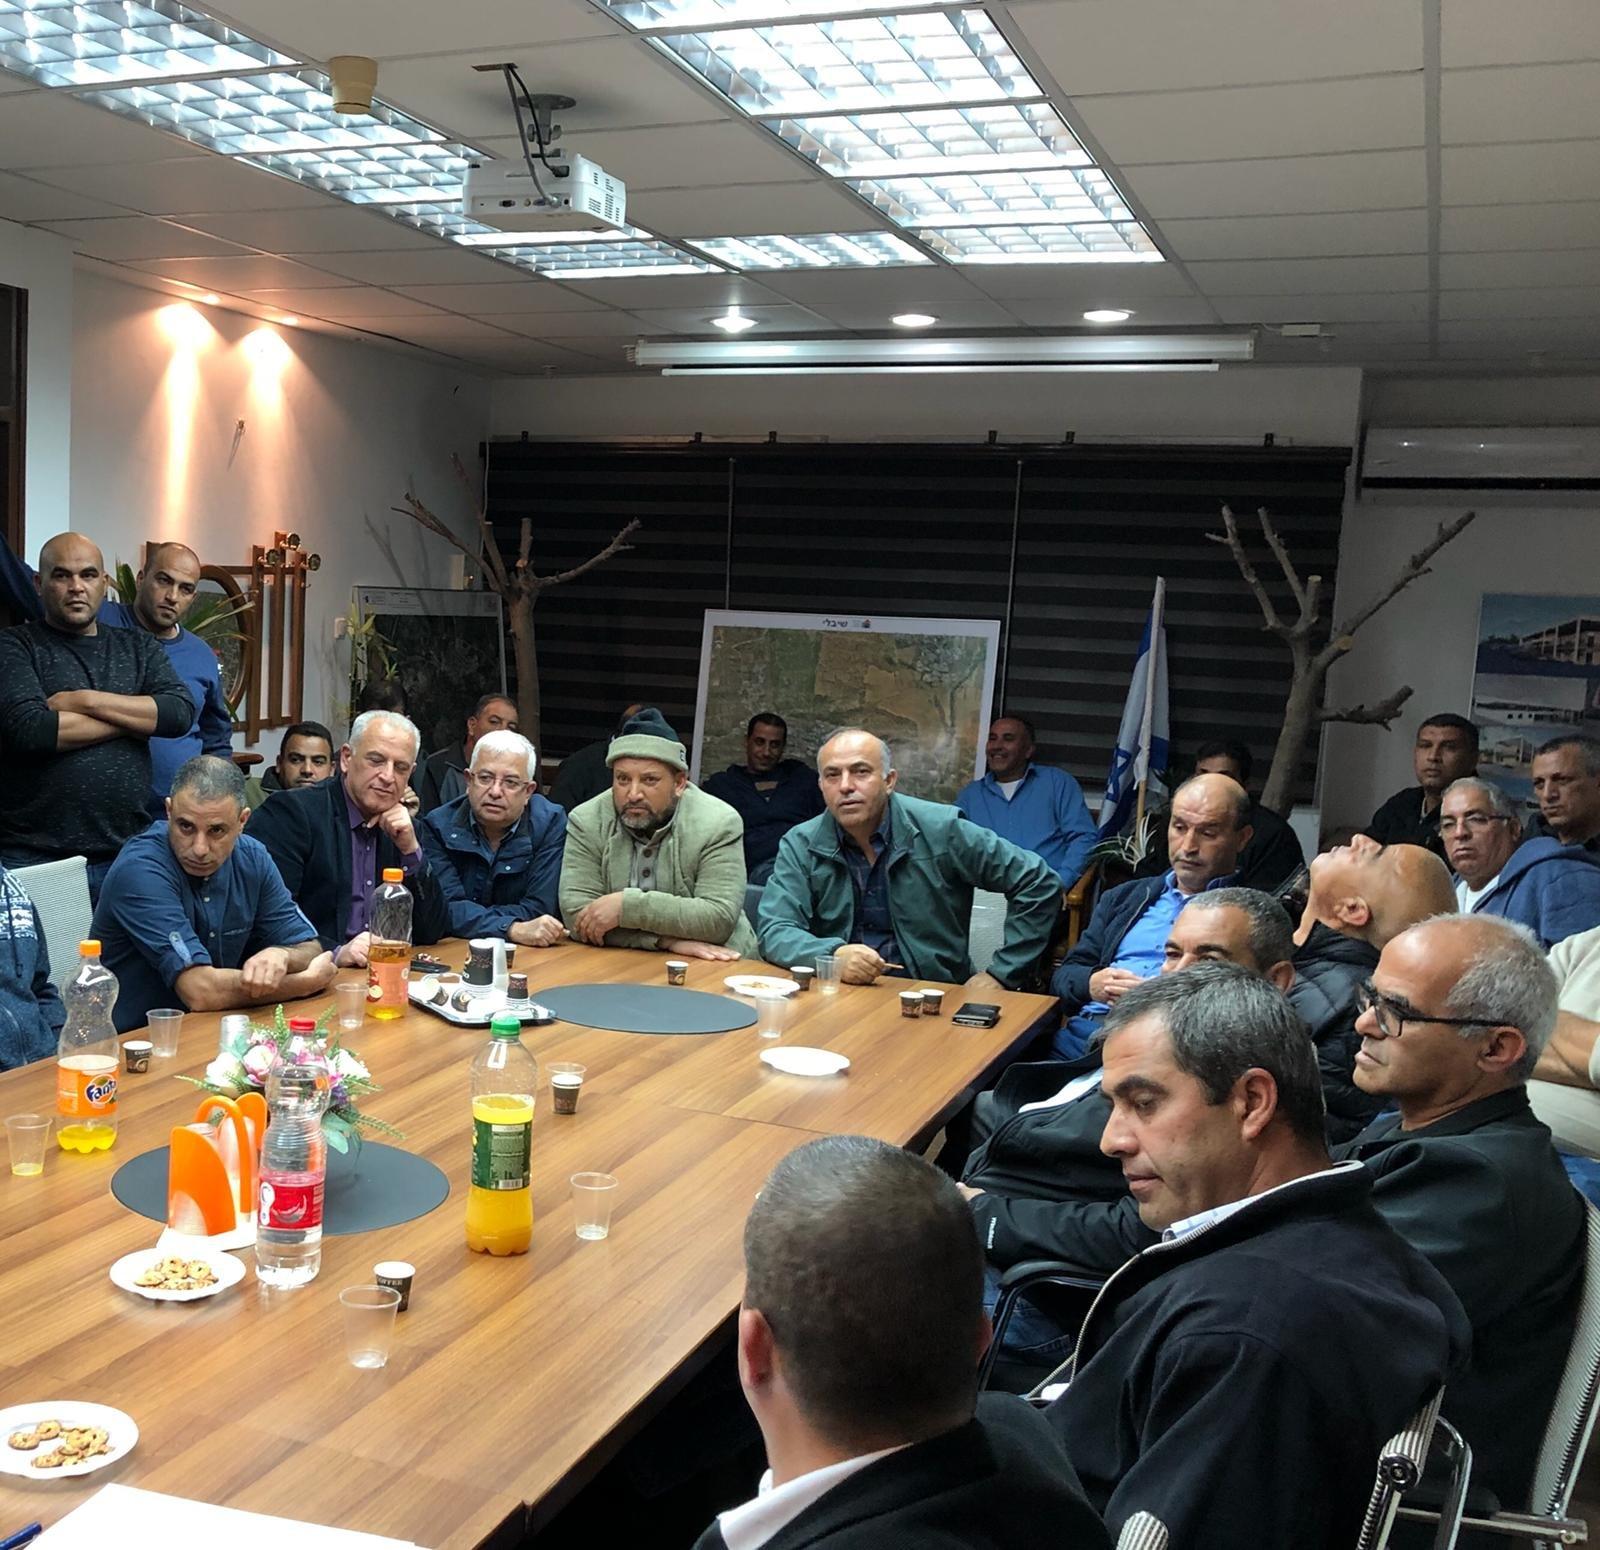 المهندس منير شبلي: اليوم عقدت جلسة ناجحة، وبعدها تم هذا الاعتداء، لا يمثل بلدنا ولن يردعنا